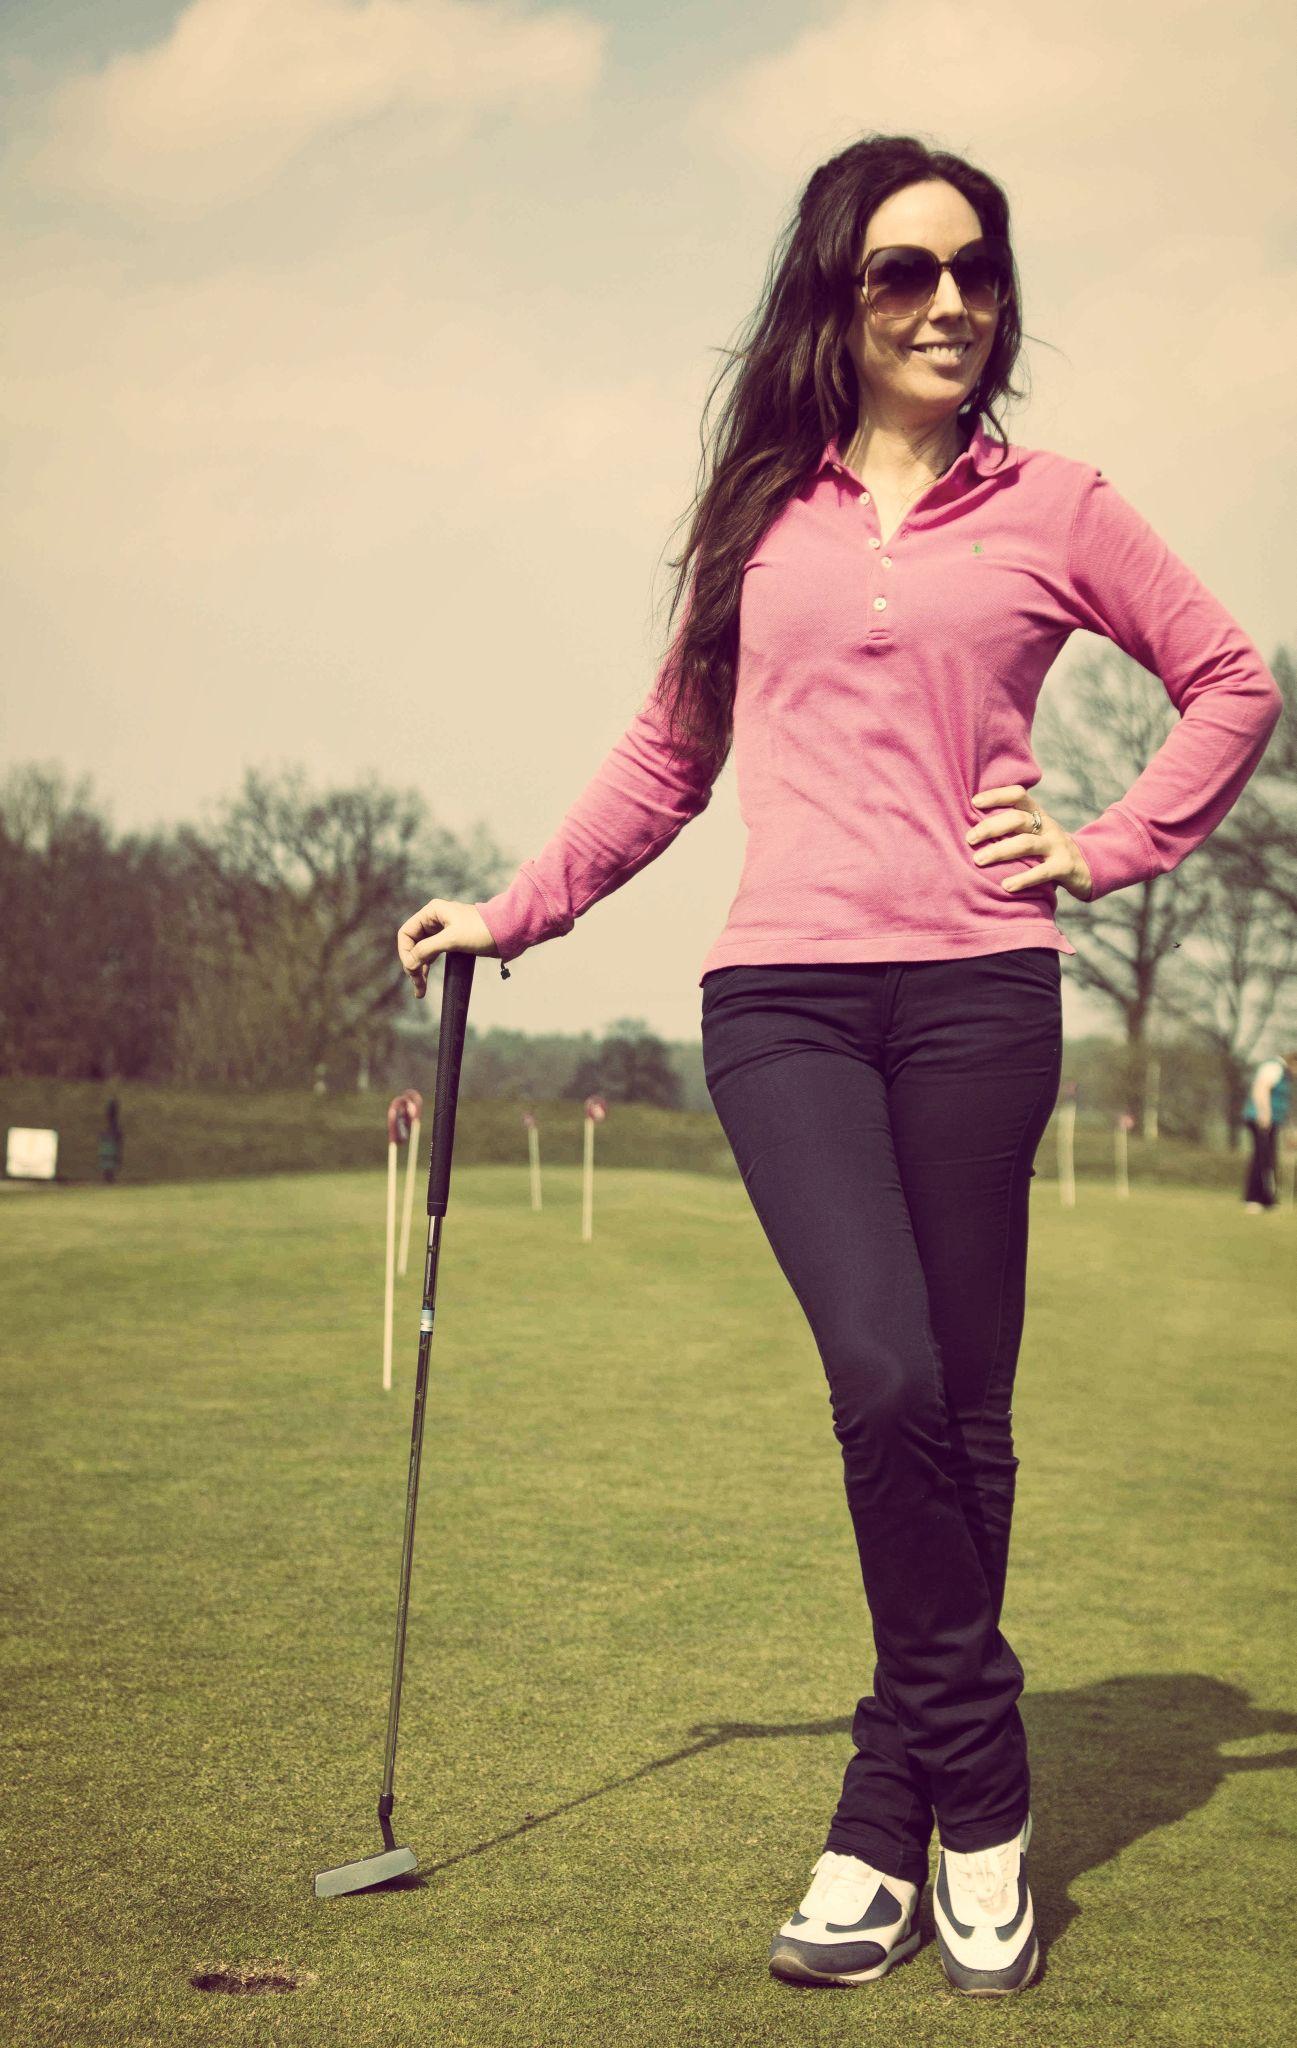 Ist Golf ein Sport für Jedermann